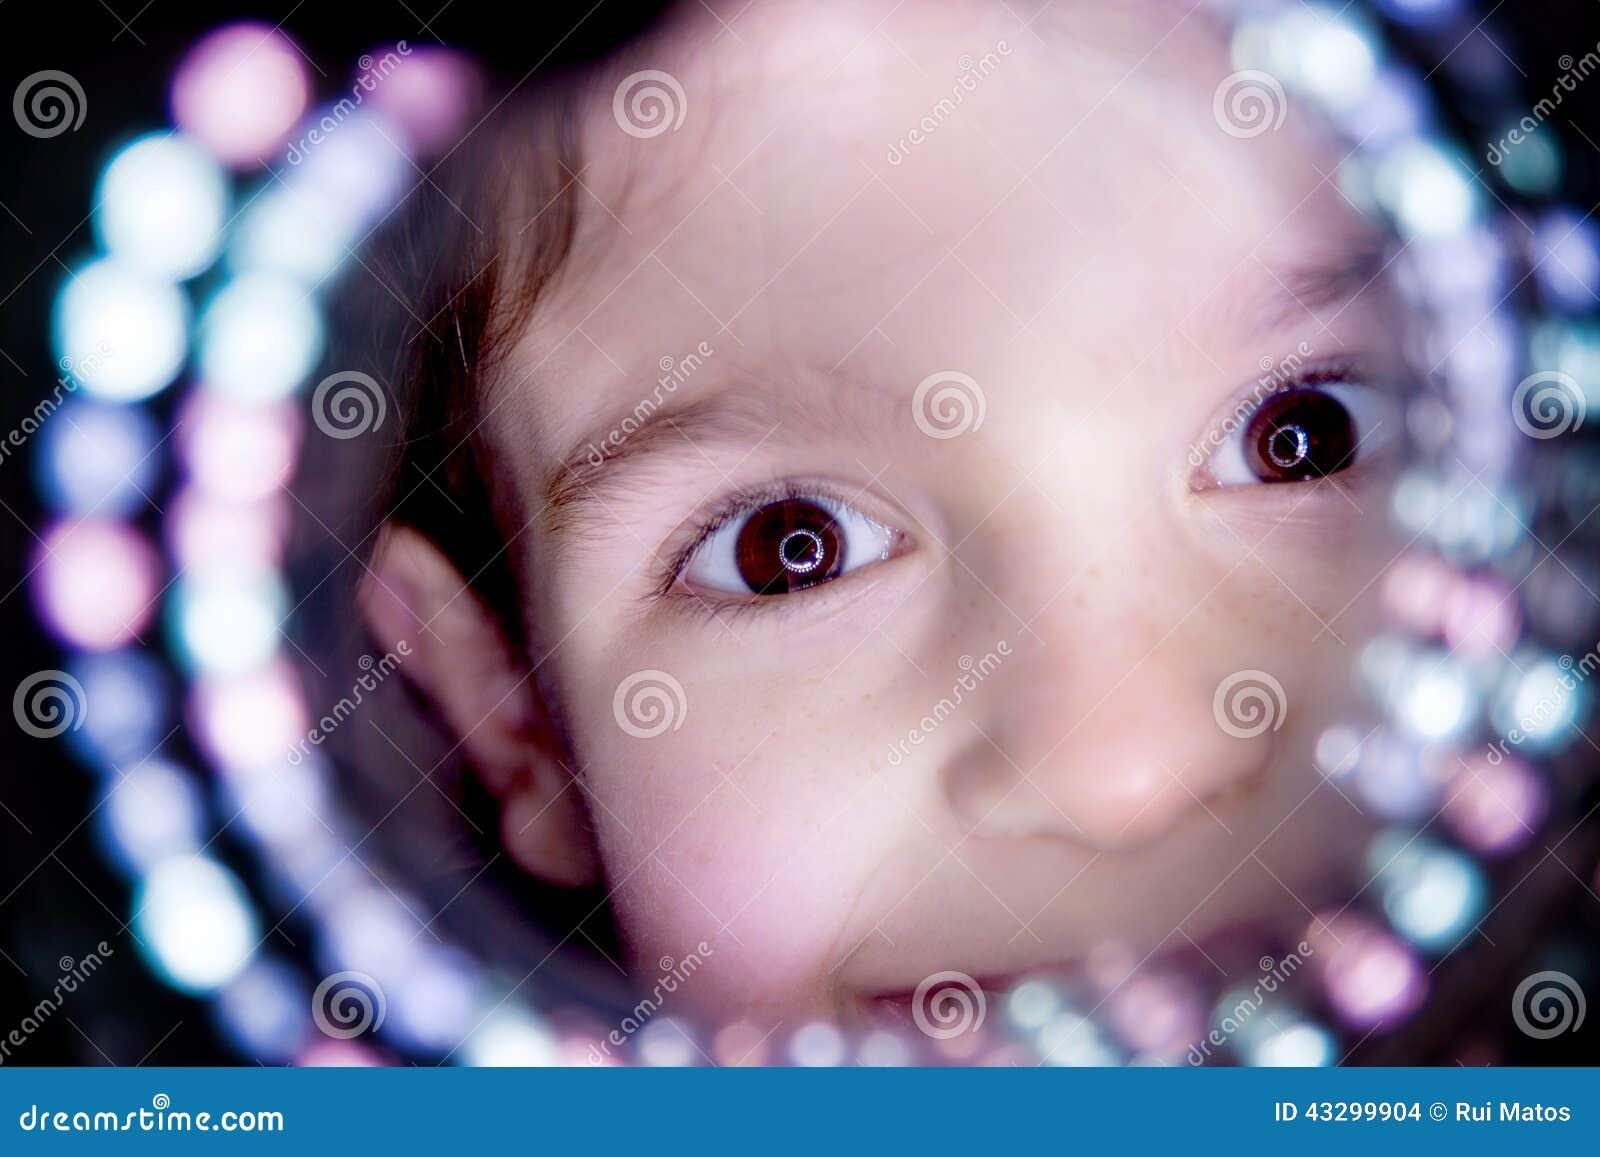 El mirar a escondidas del niño